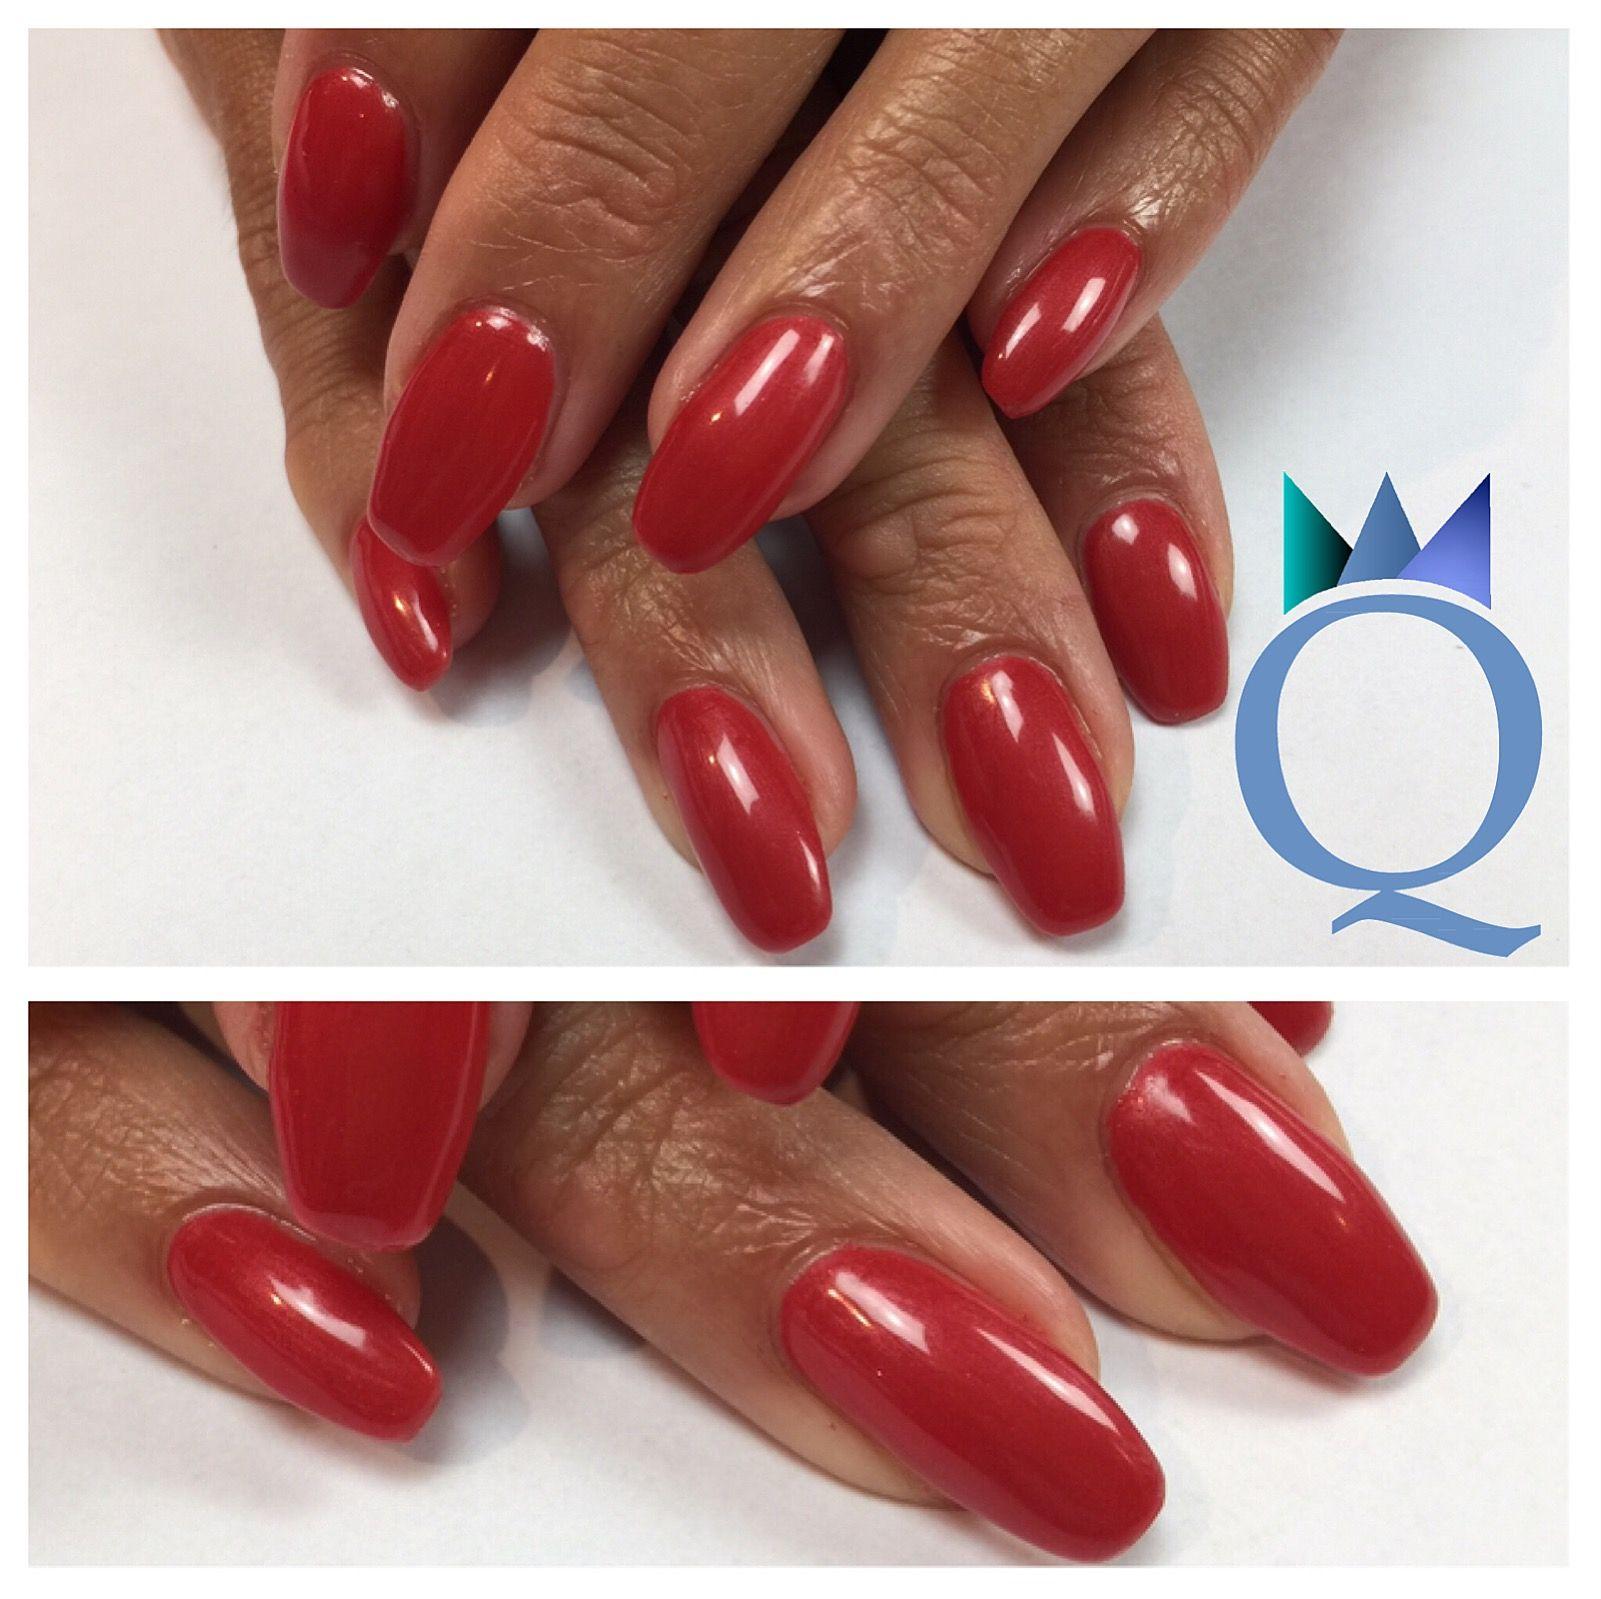 Schön Nageldesign Rot Galerie Von #gelnails #nails #red #gelnägel #nägel #rot #nagelstudio